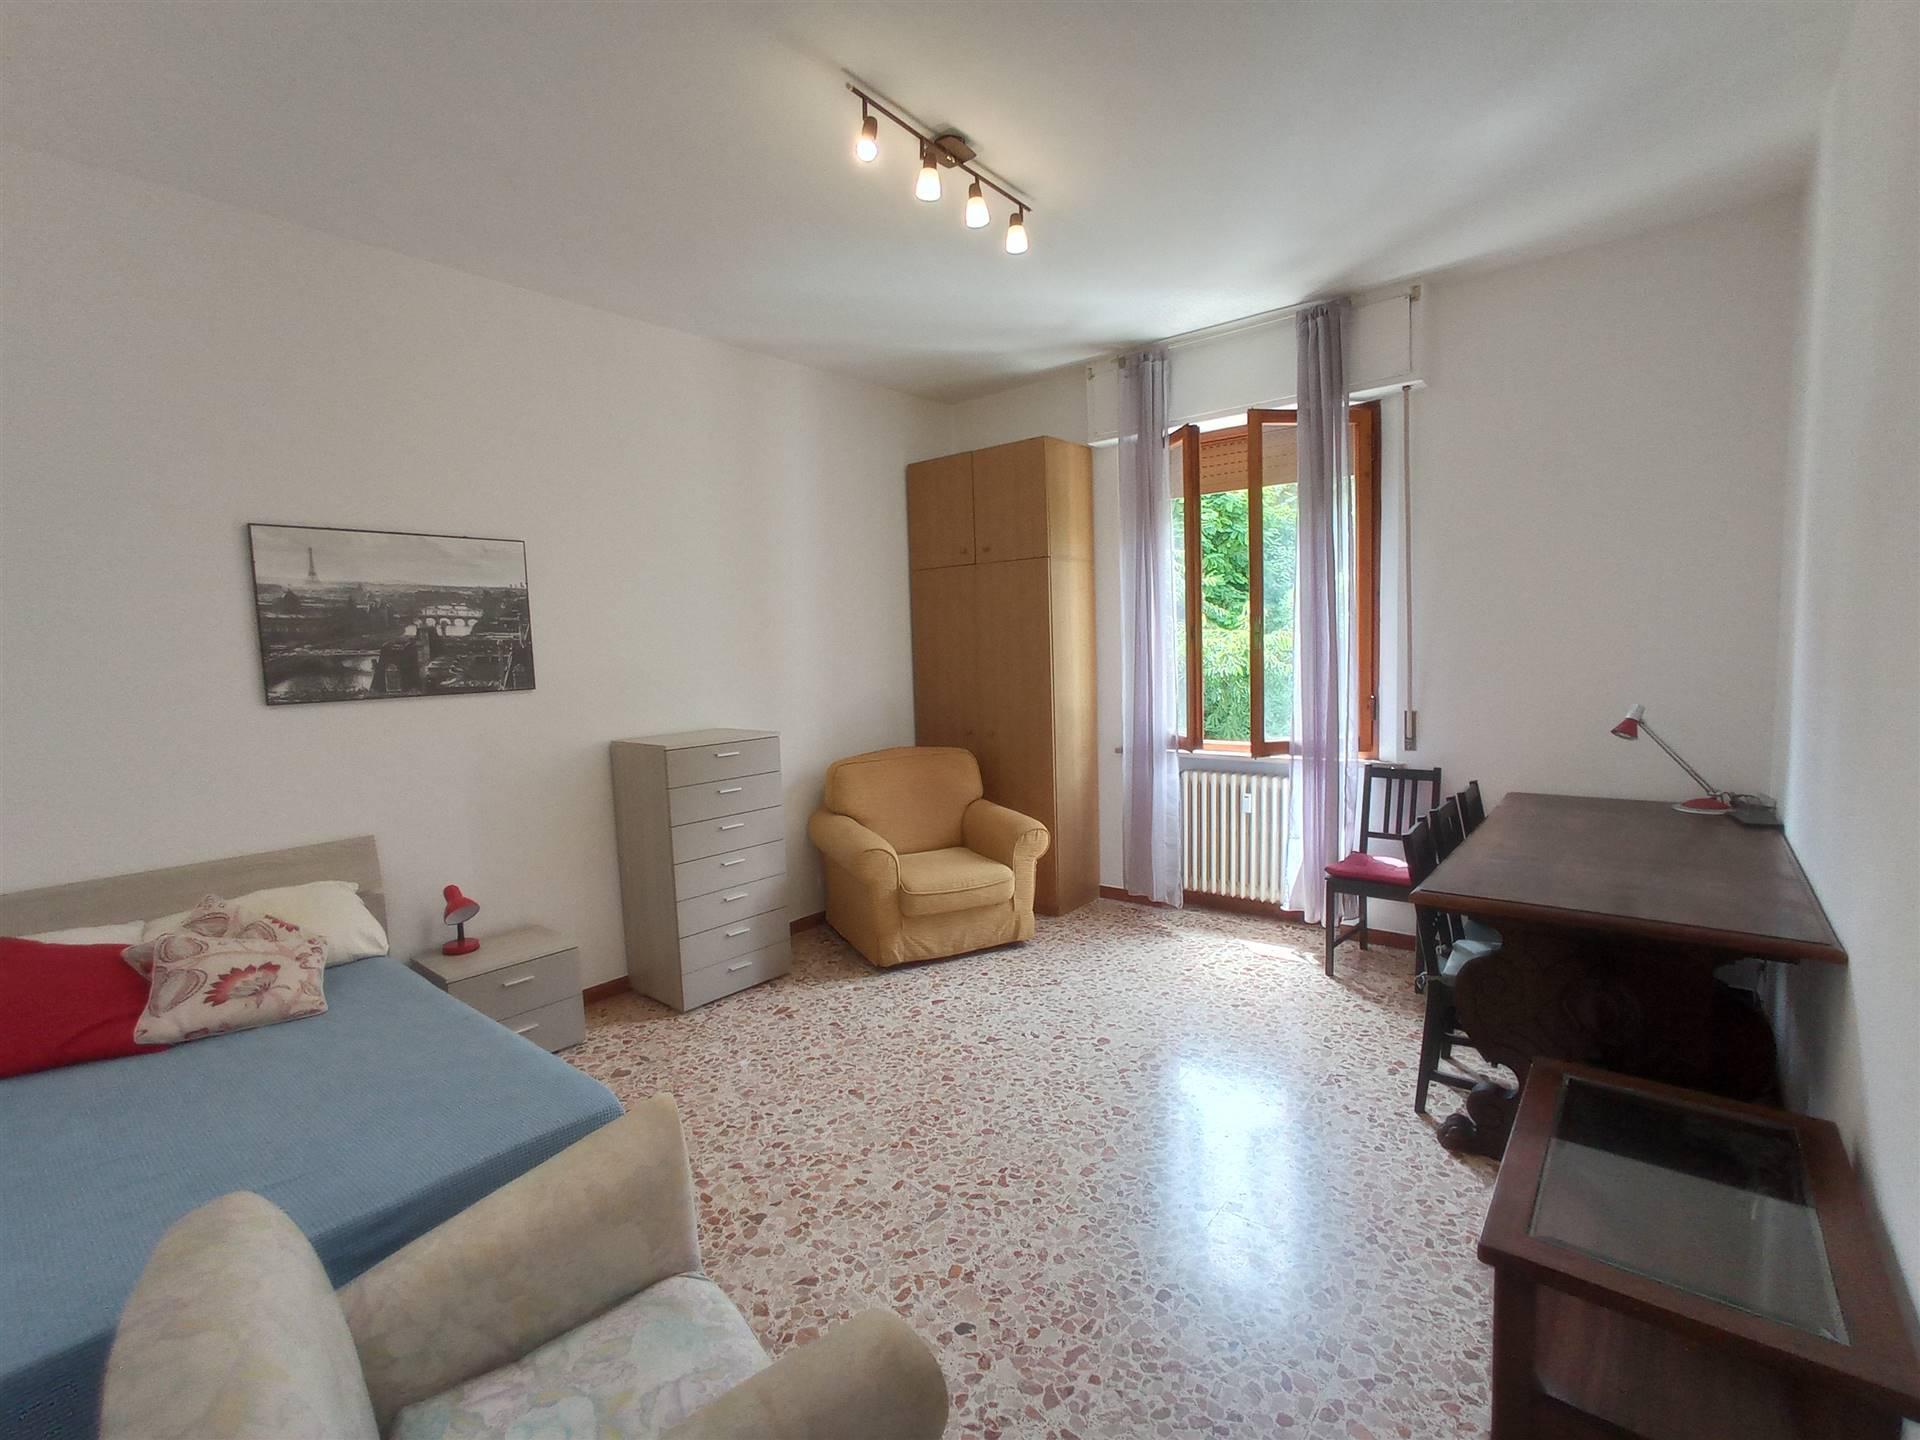 Appartamento in vendita a Siena, 3 locali, zona Località: RAVACCIANO, prezzo € 200.000   PortaleAgenzieImmobiliari.it